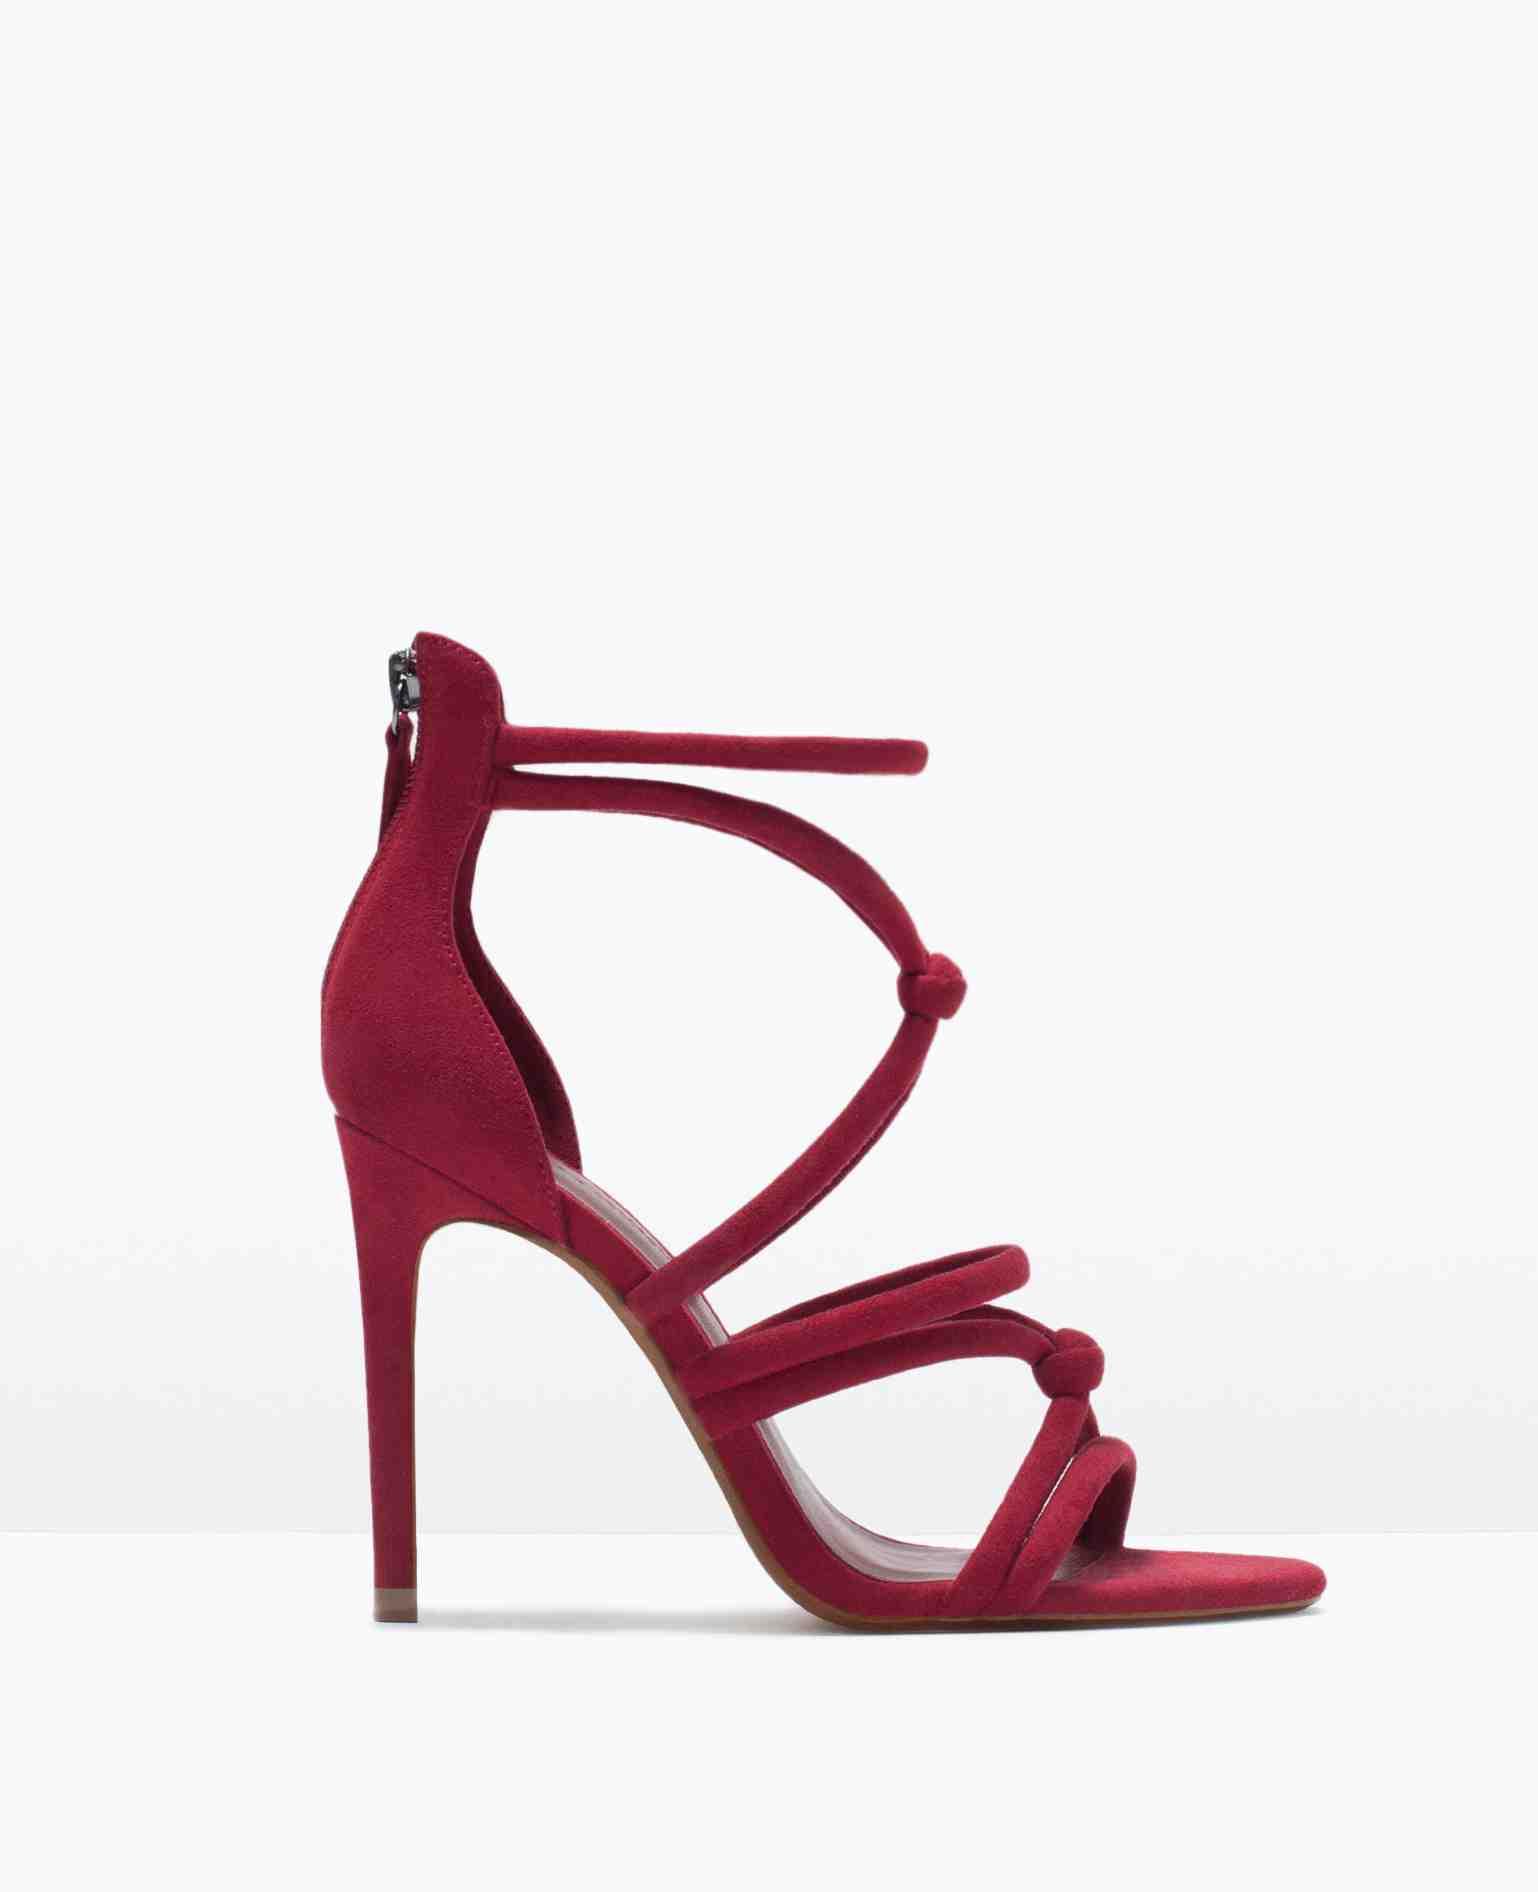 Zara - Sandales(40 €)